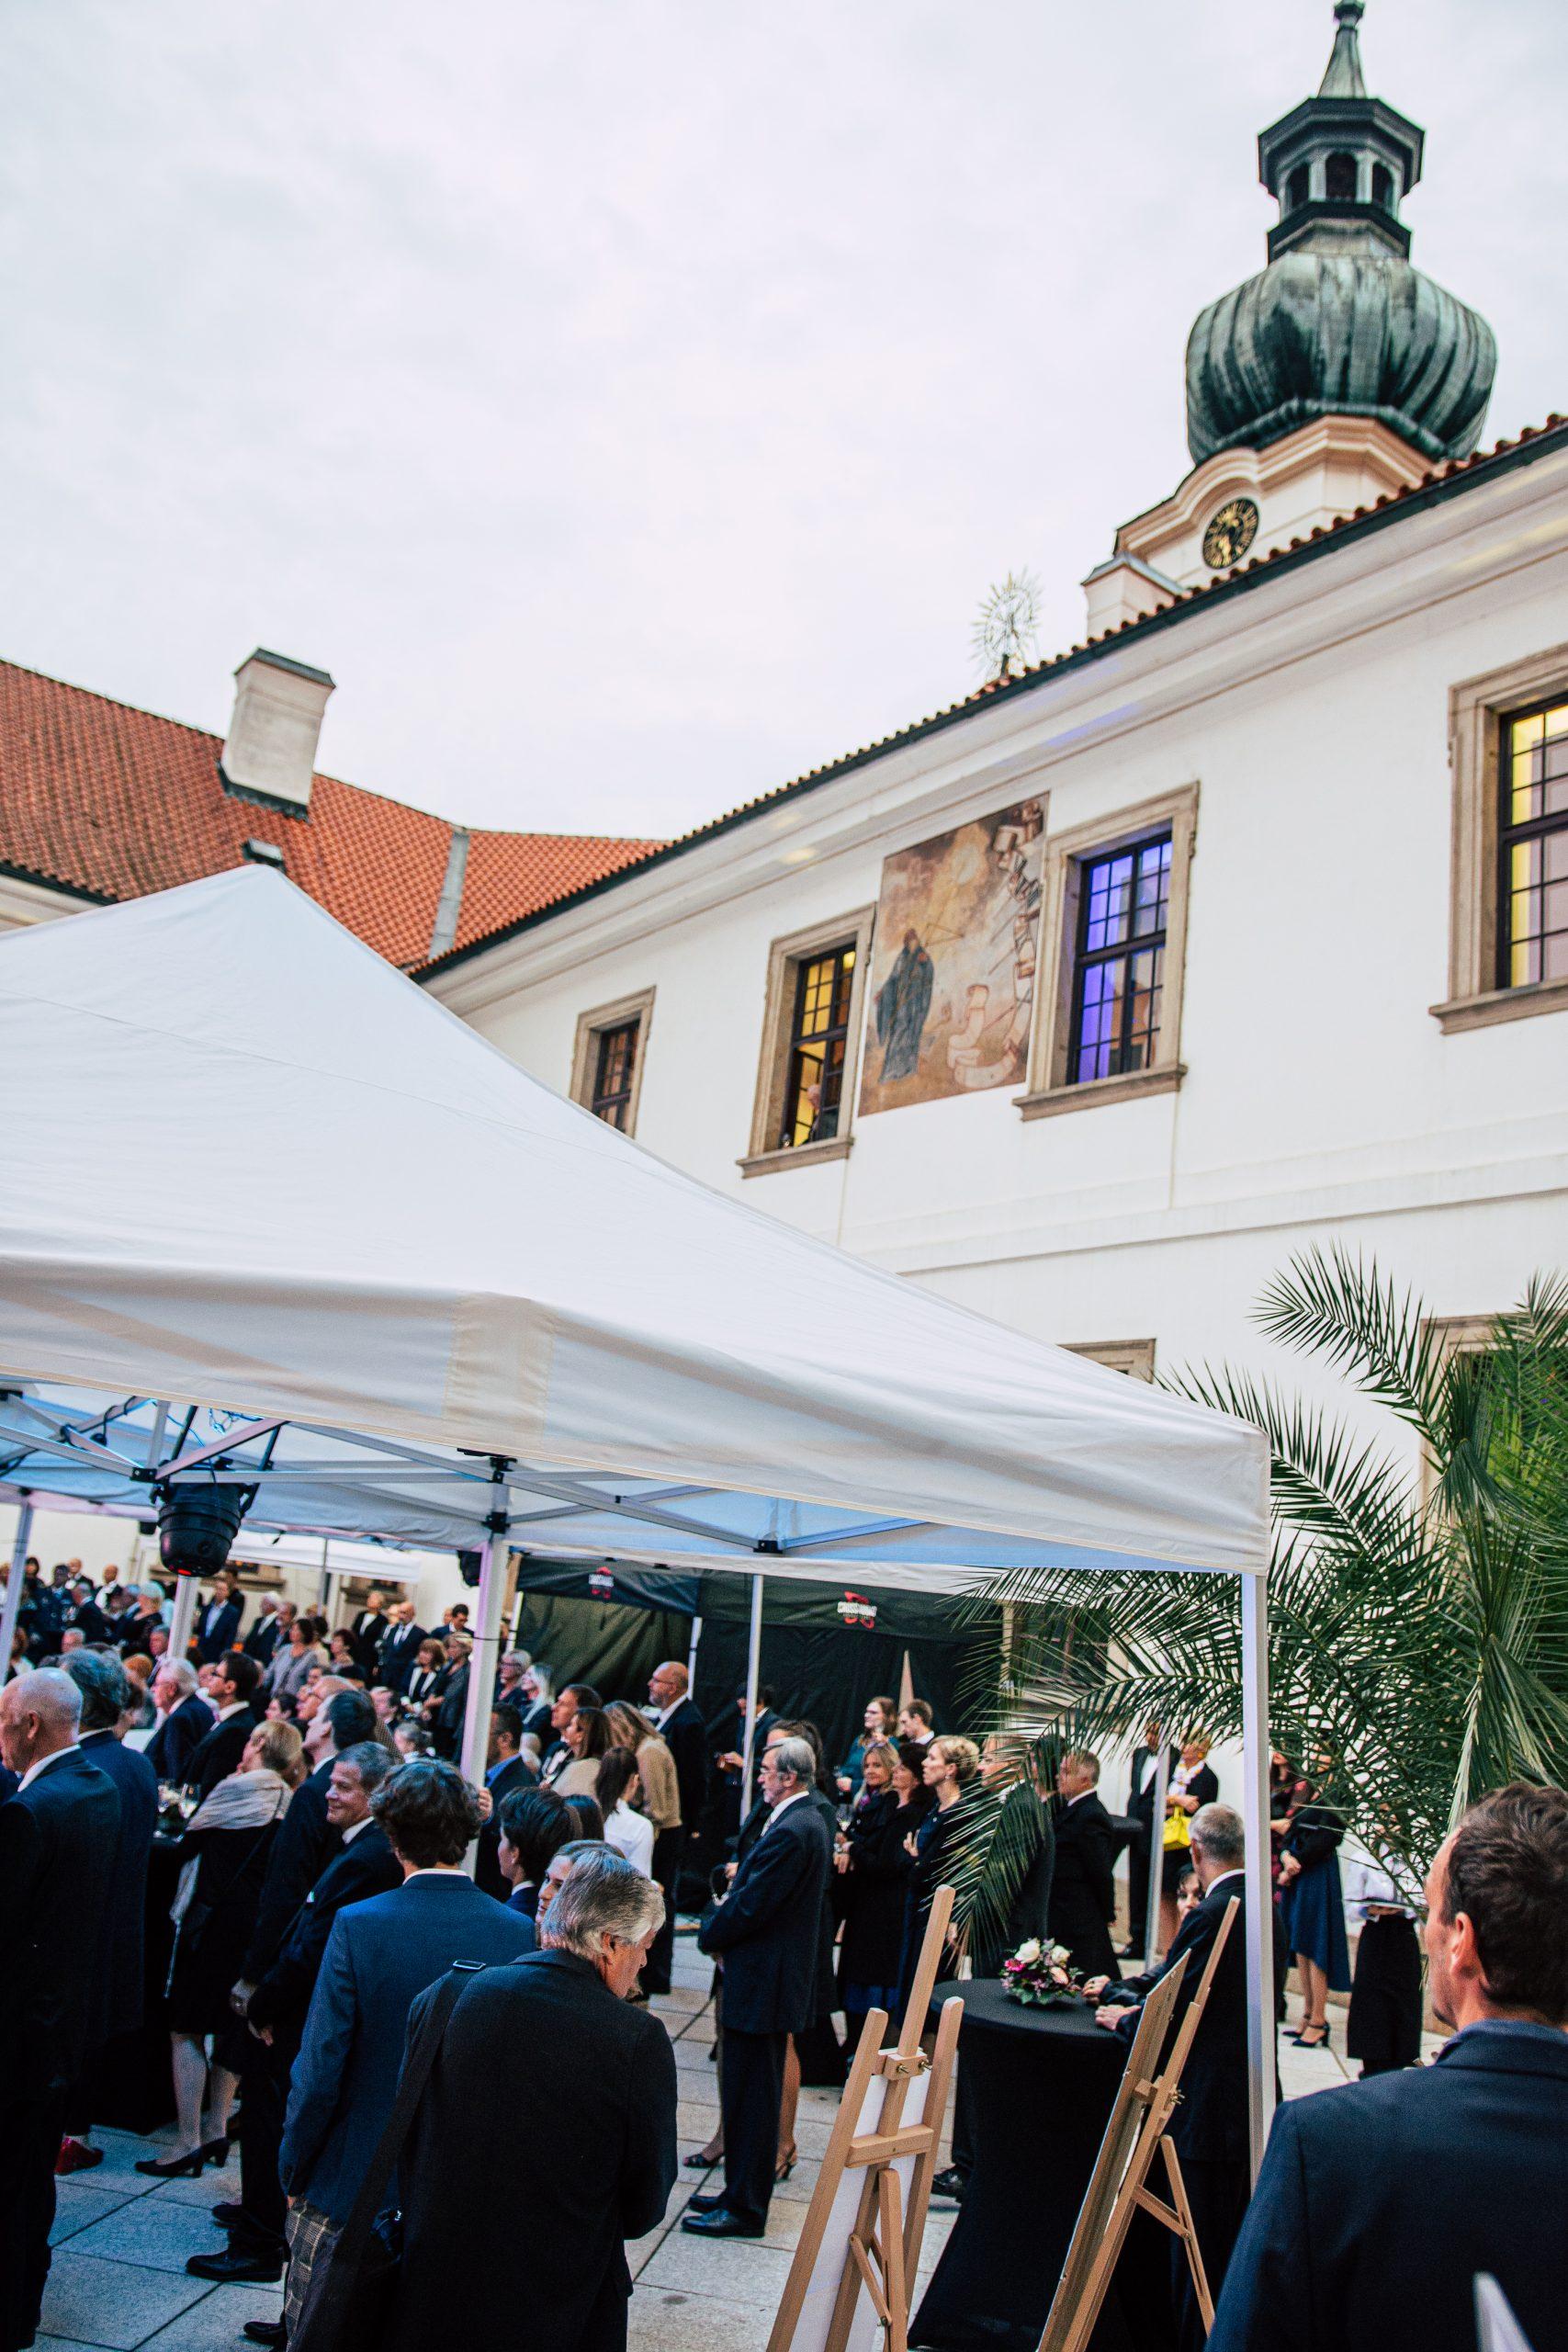 Břevnovský klášter atrium